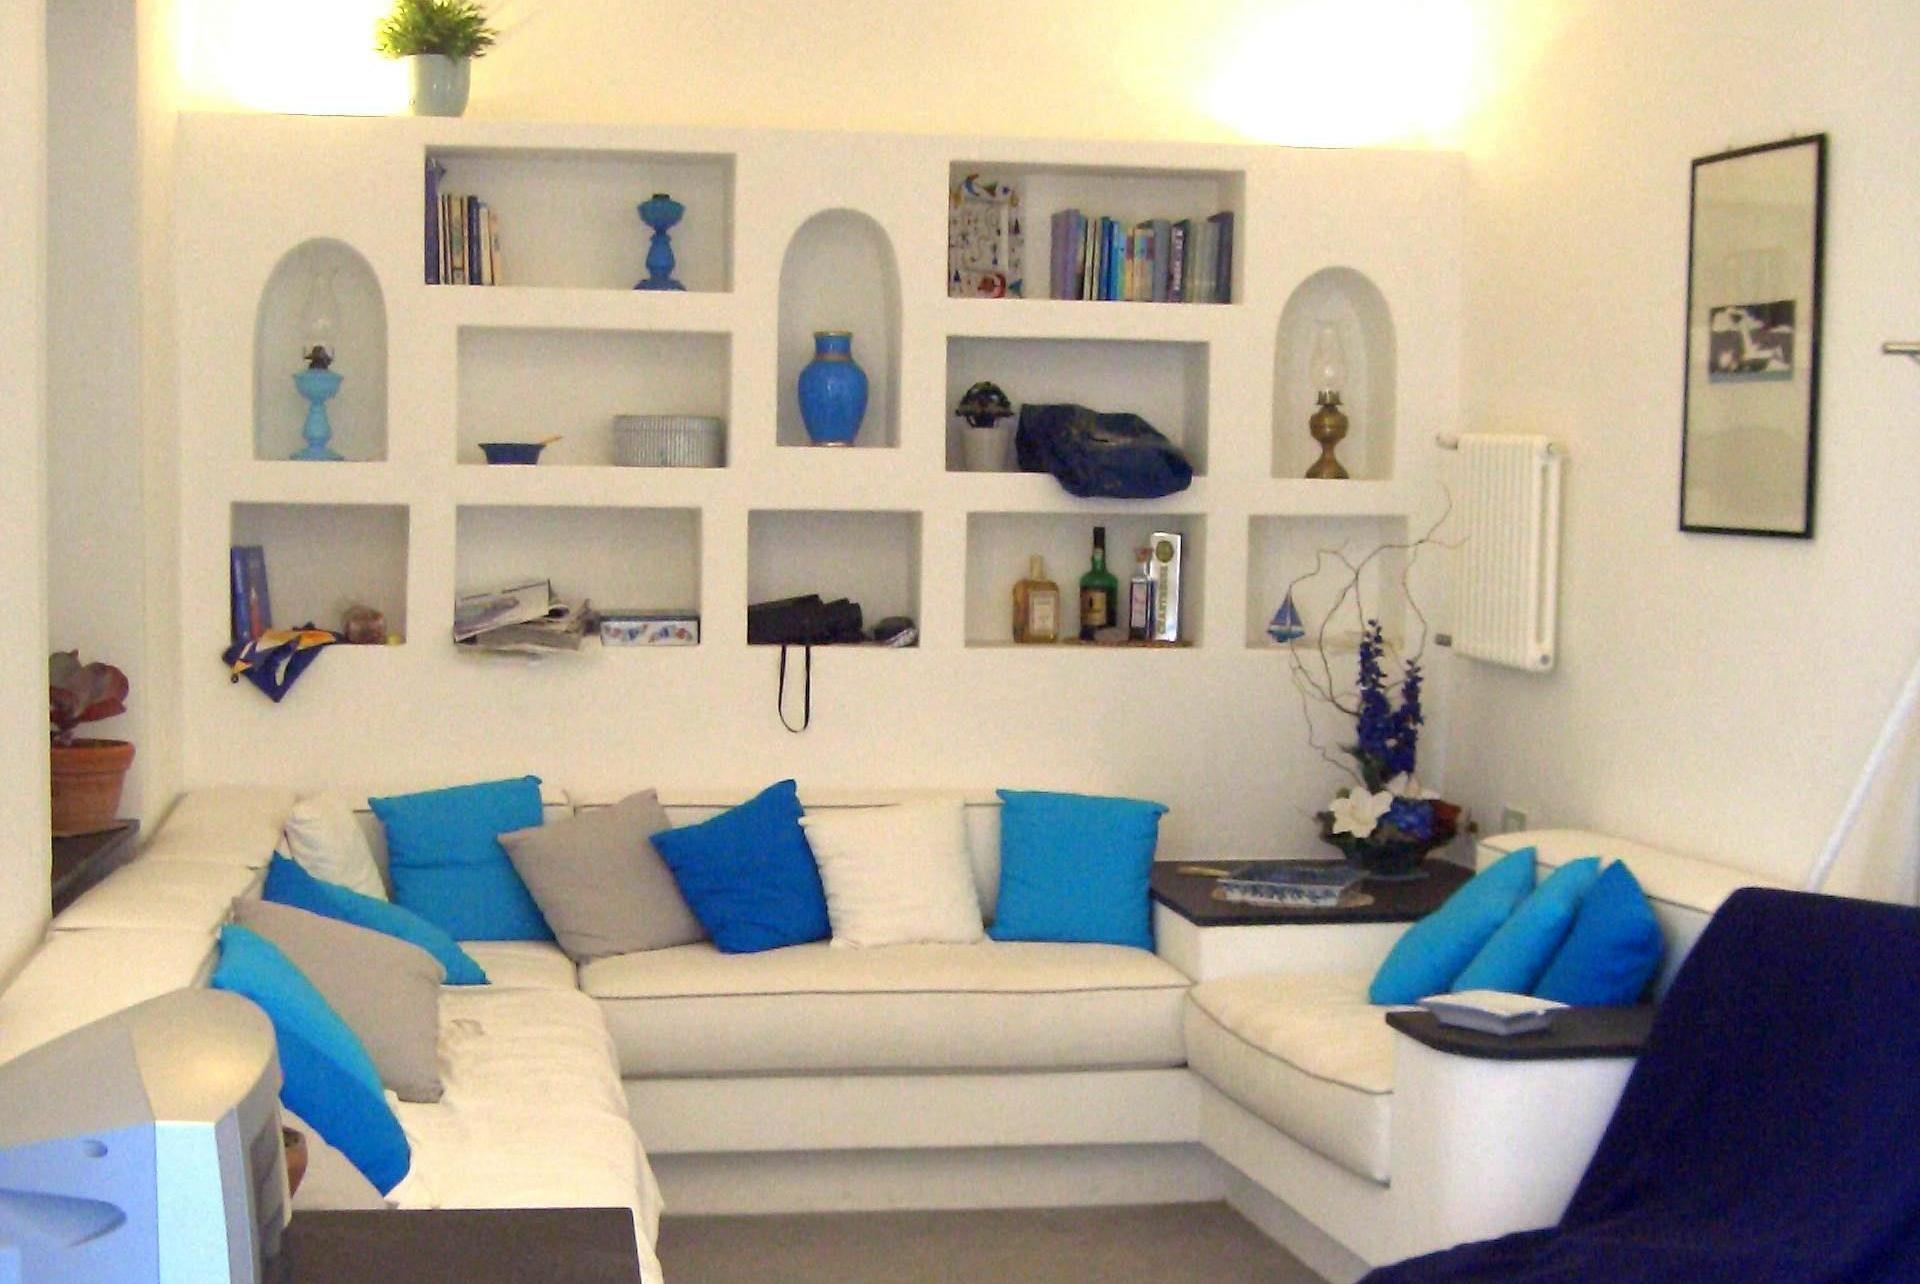 Divani in muratura cerca con google divani in muratura for Piani di casa in stile cottage artigiano